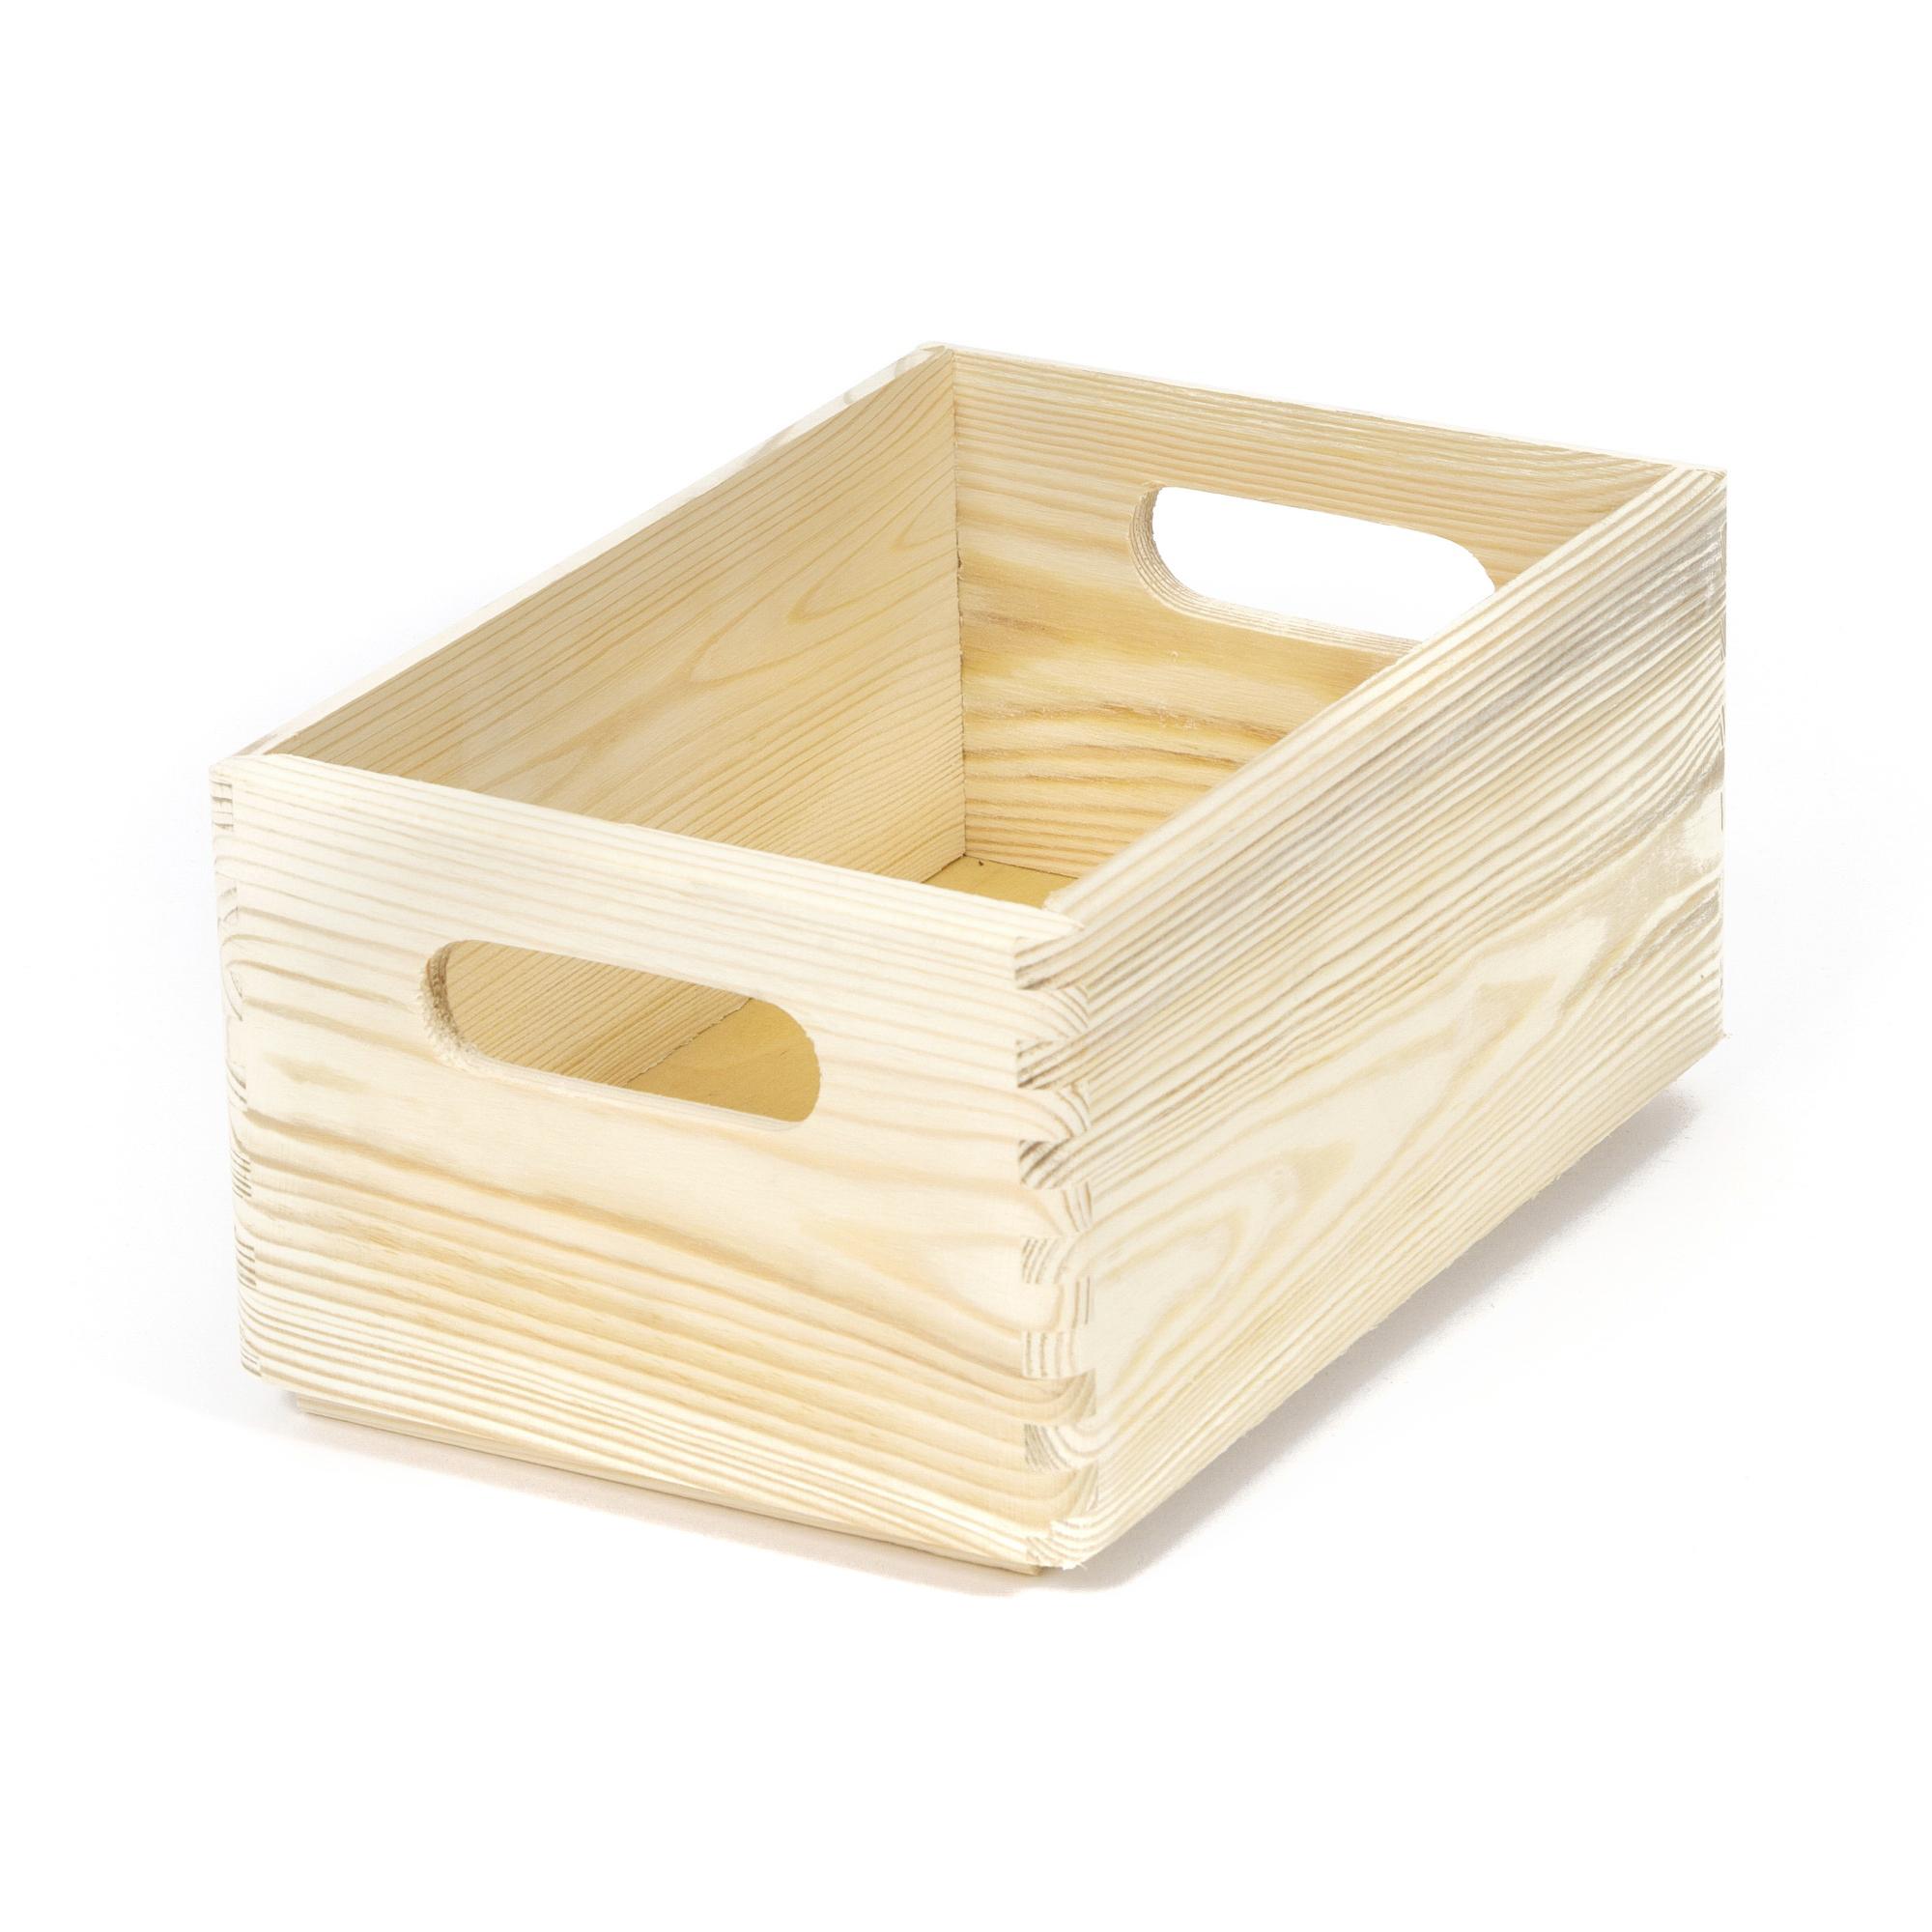 Boîte de rangement en bois naturel 2 poignées 30x20cm